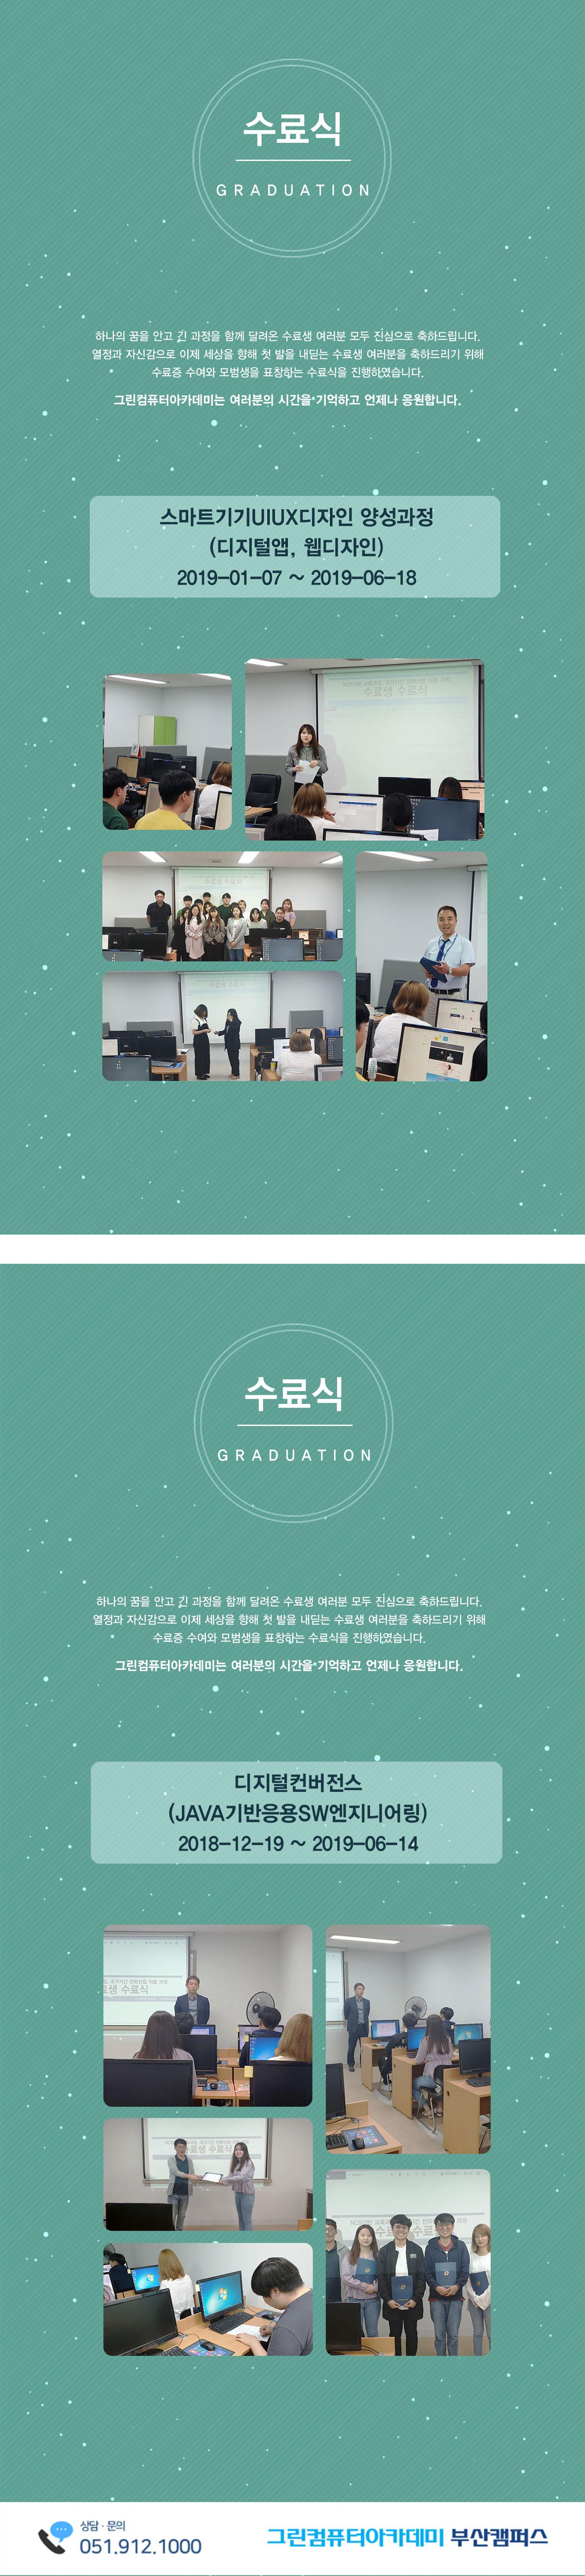 [부산캠퍼스] 2019년 6월 수료식 스마트기기/디지털컨버전스